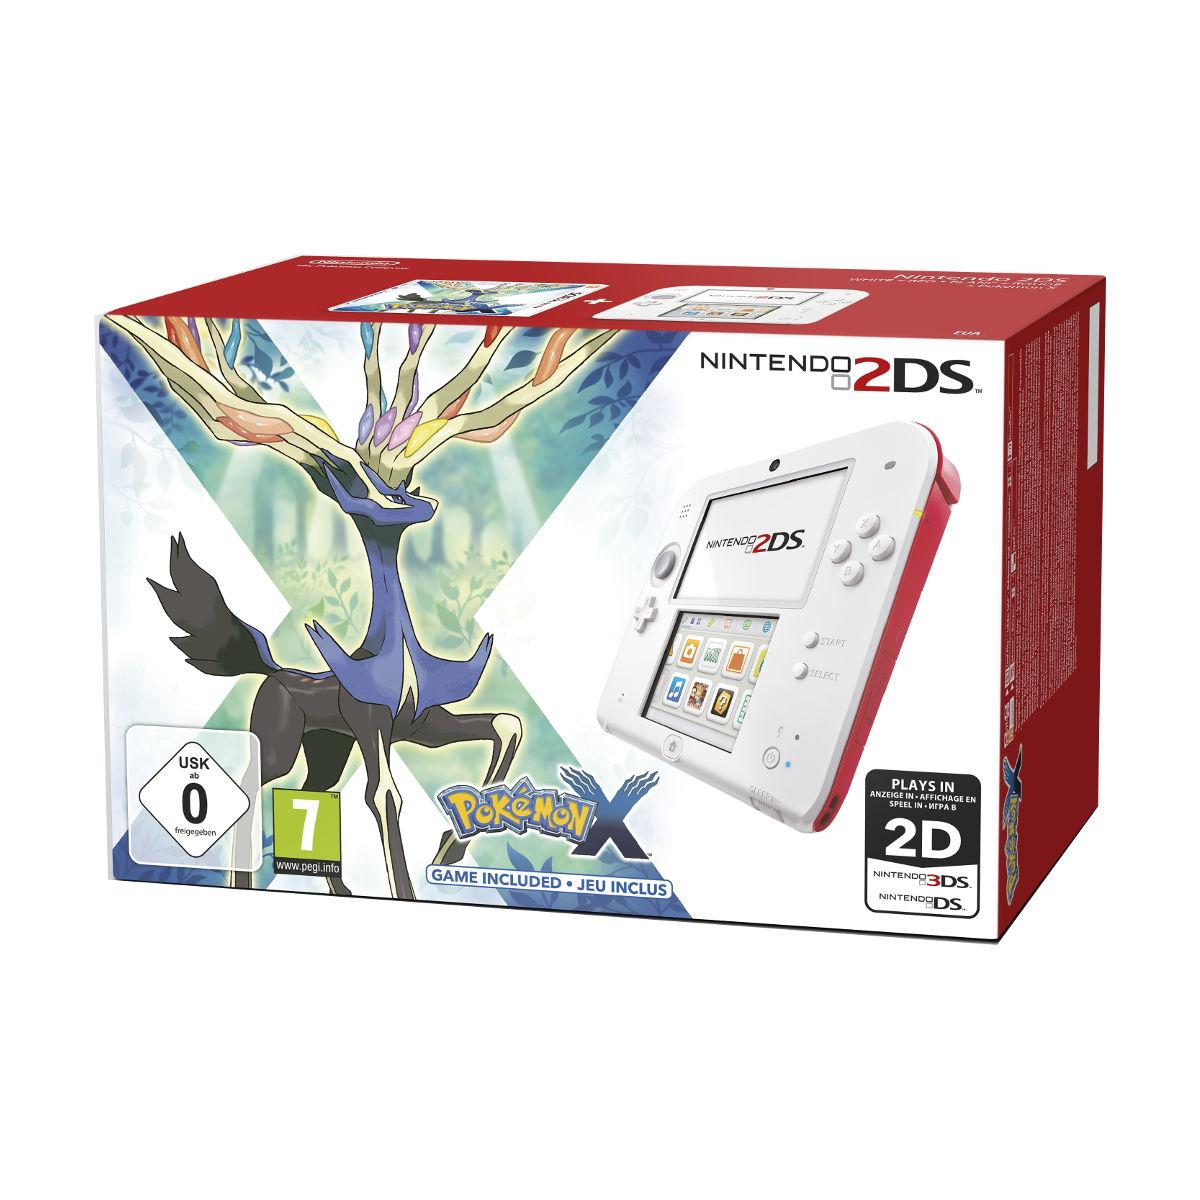 nintendo 2ds blanc rouge pokemon x console nintendo 3ds nintendo sur. Black Bedroom Furniture Sets. Home Design Ideas